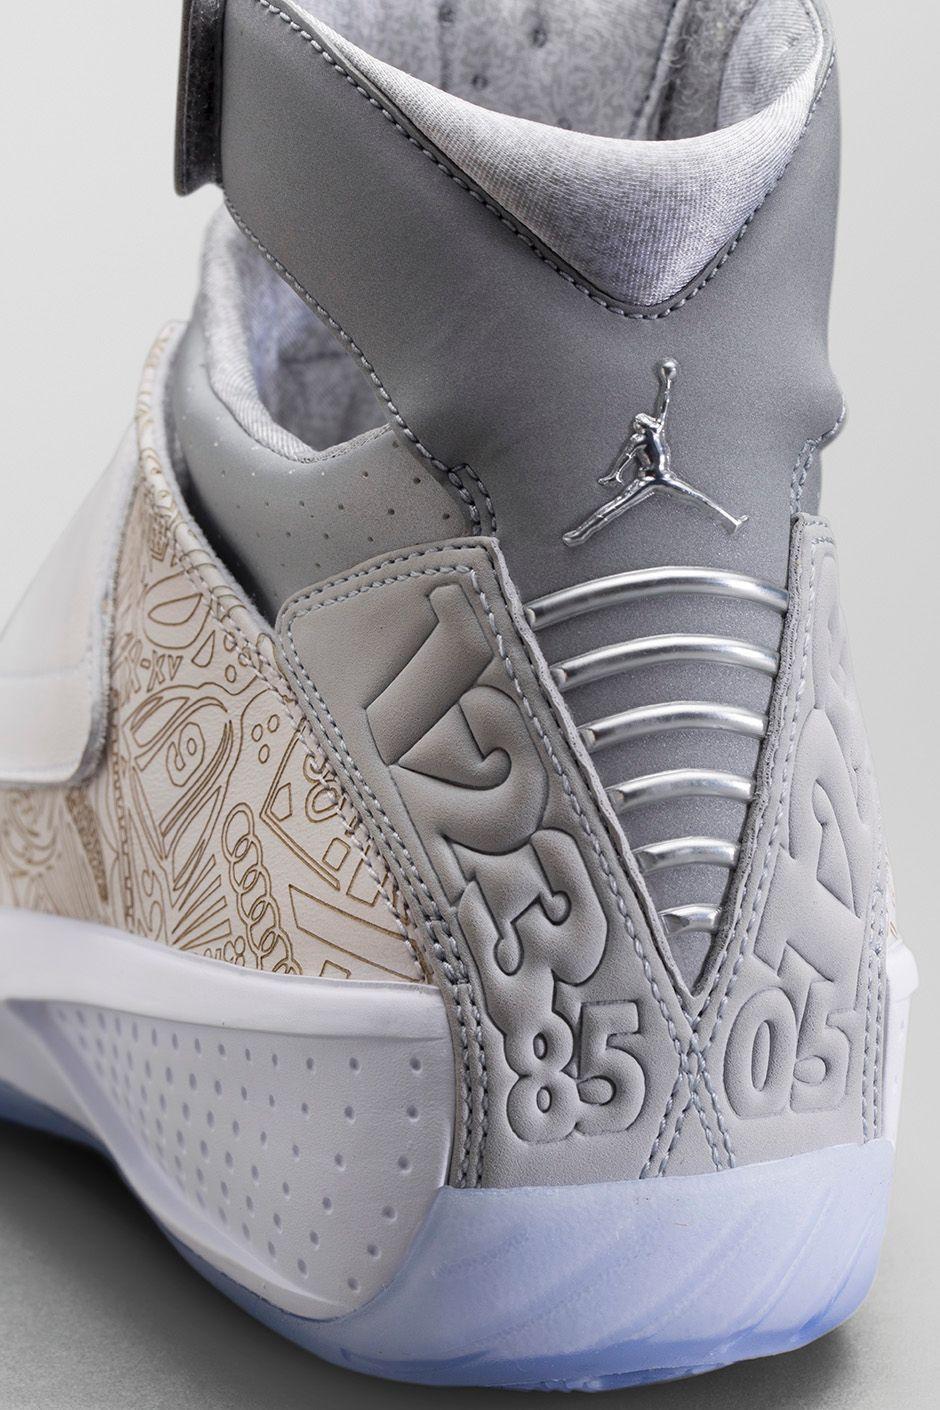 2fc76d995a1 Nike Air Jordan 20 Laser White 04 Jordan 20, Jordan Retro, Michael Jordan,